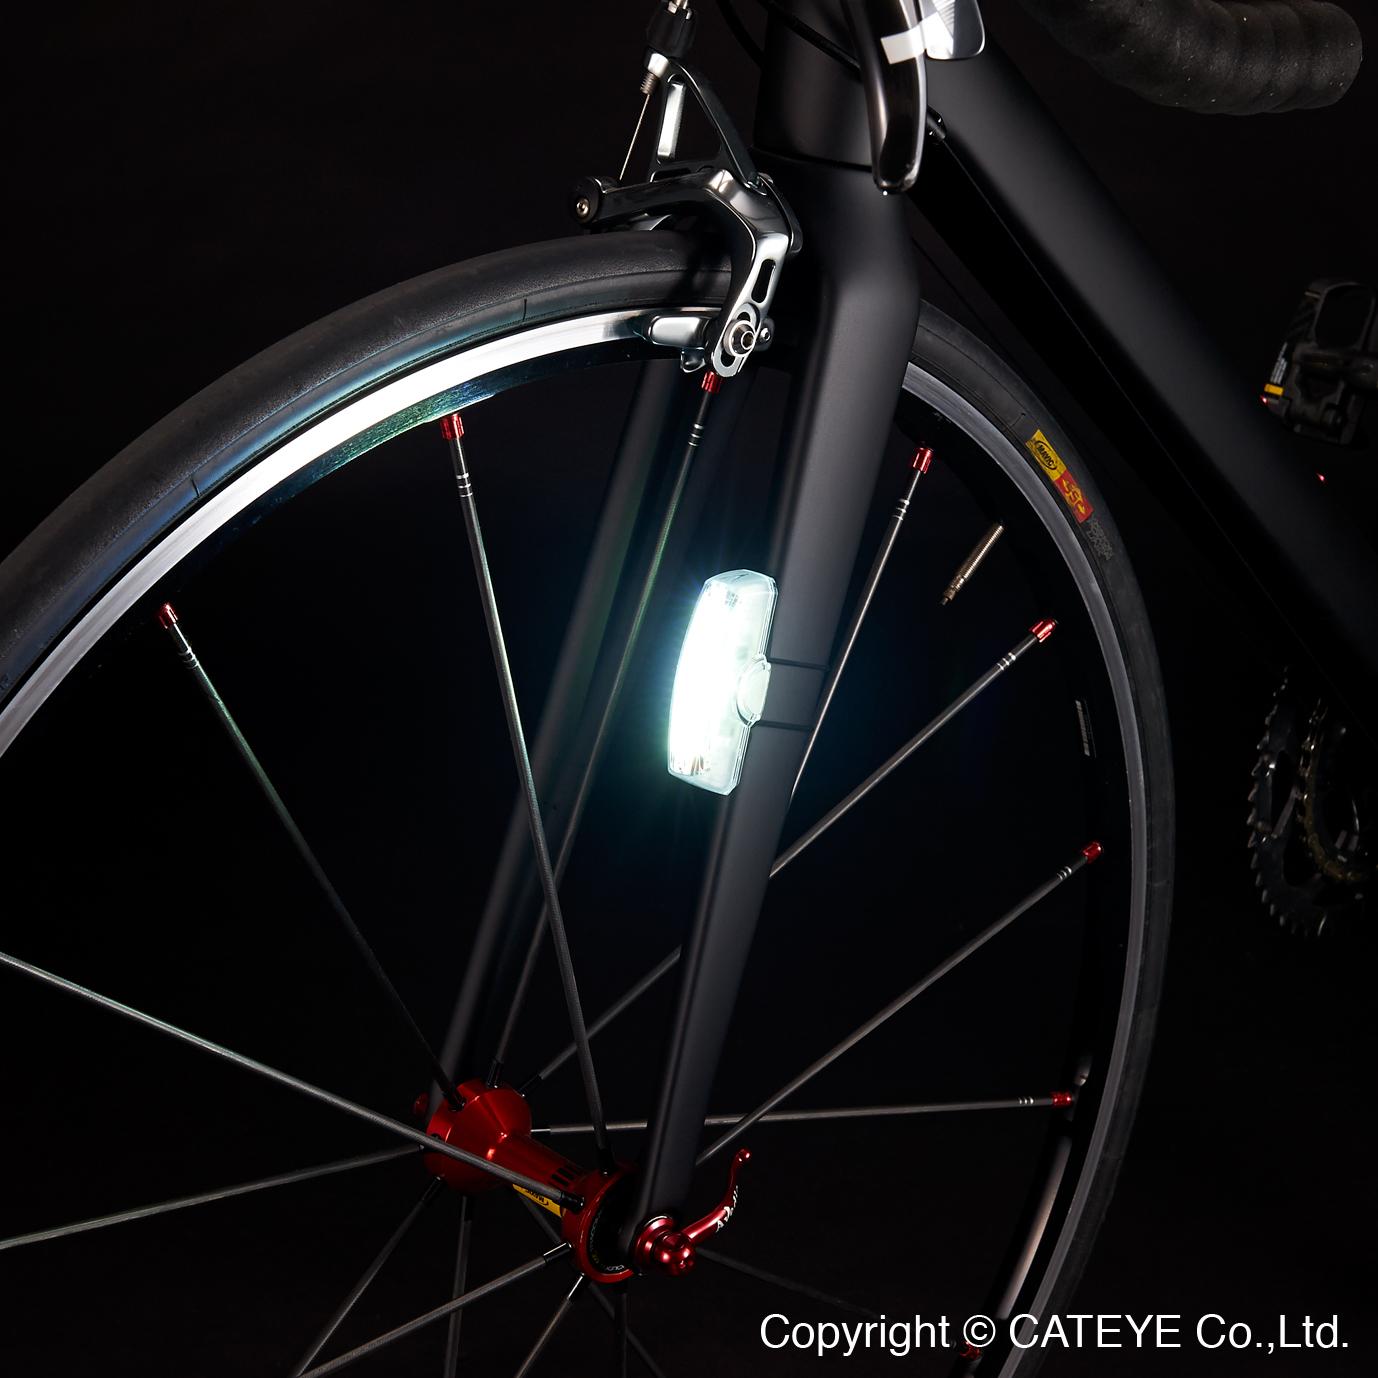 montaż lampki Rapid X3 do widelca